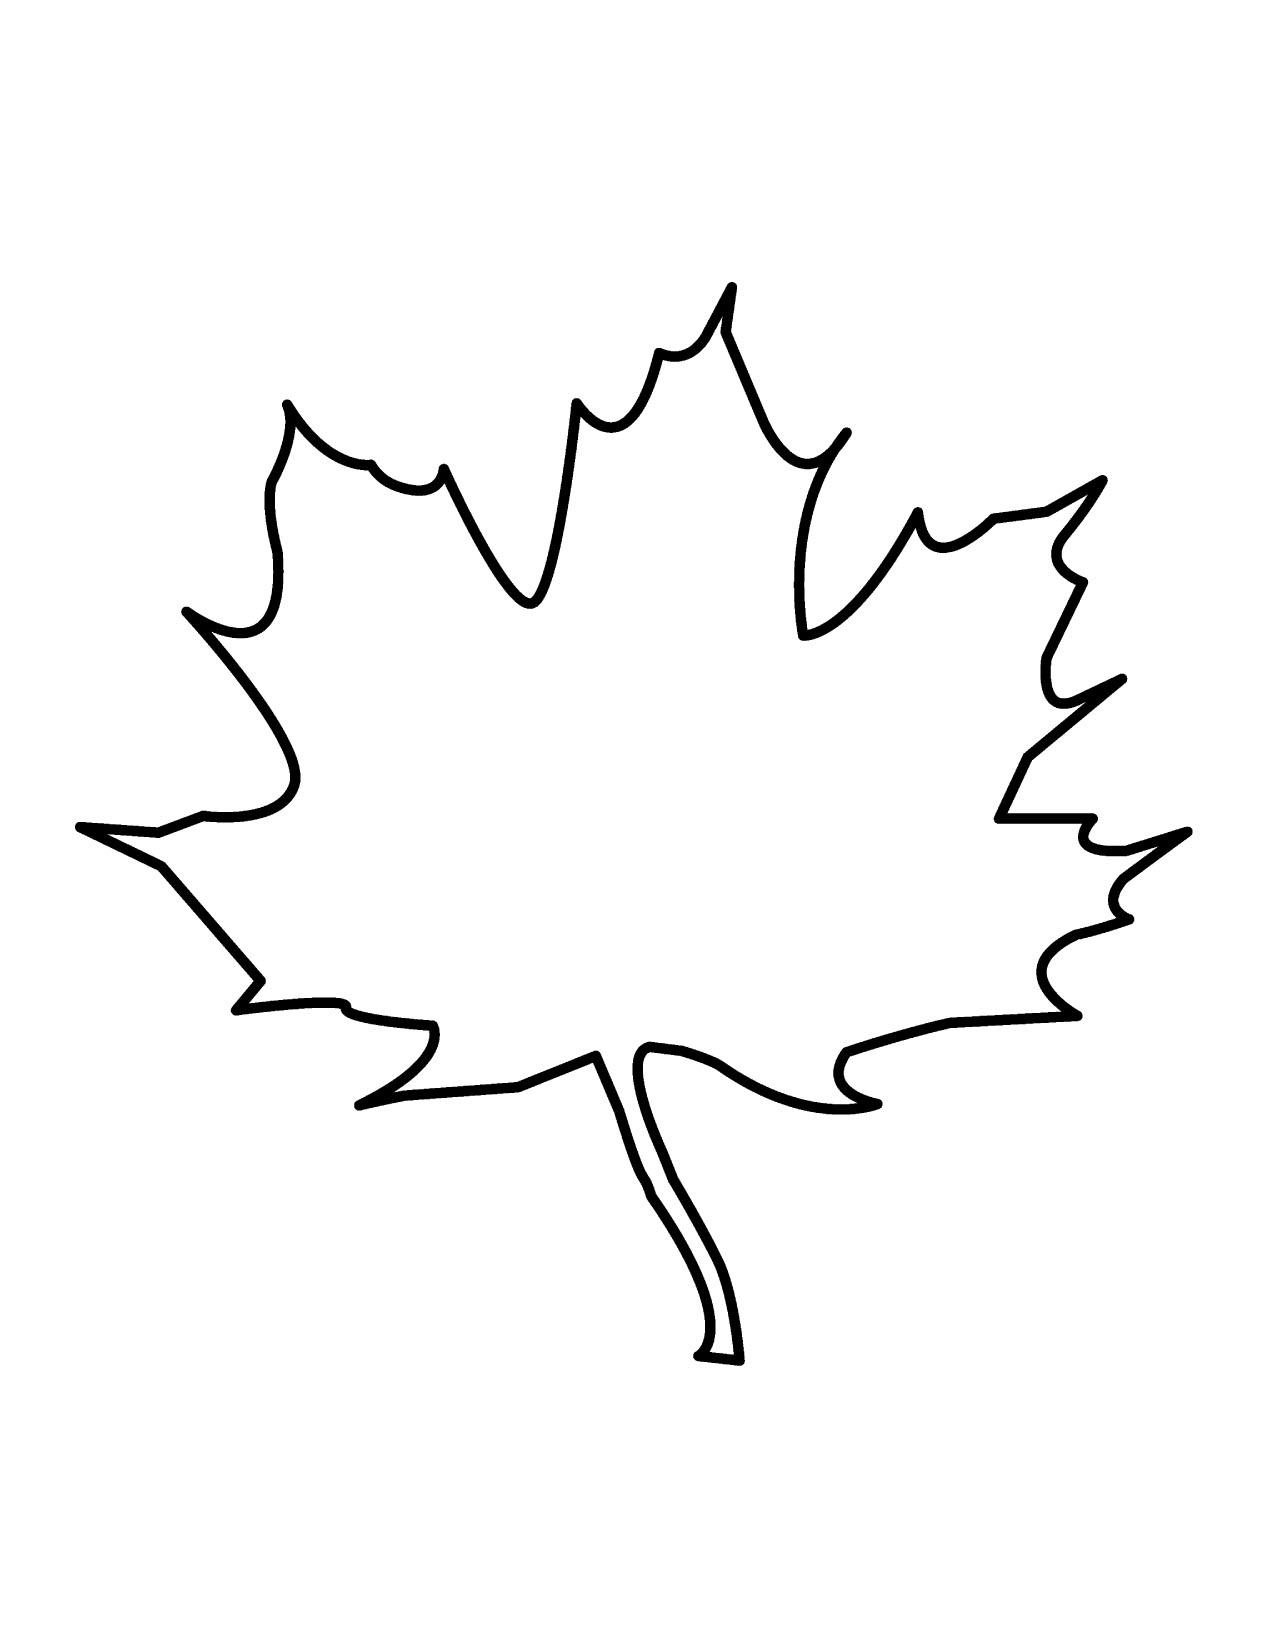 Leaf Outline Clip Art